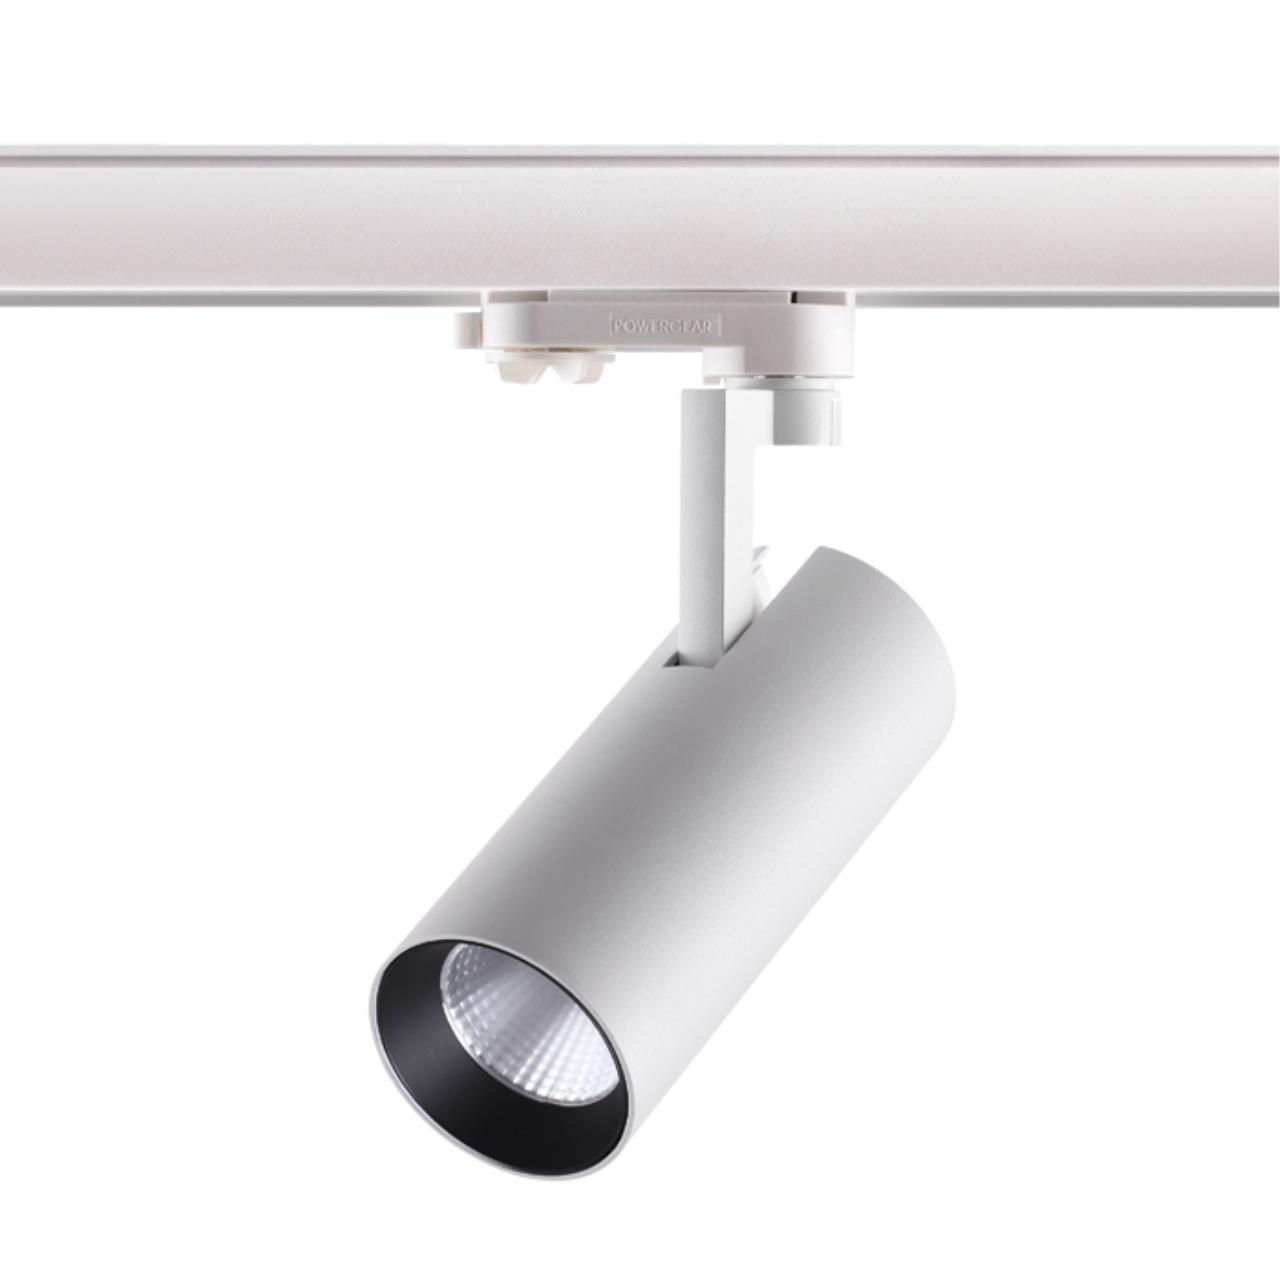 358255 PORT NT19 018 белый Трехфазный трековый светодиодный светильник IP20 LED 20W 220-240V HELIX